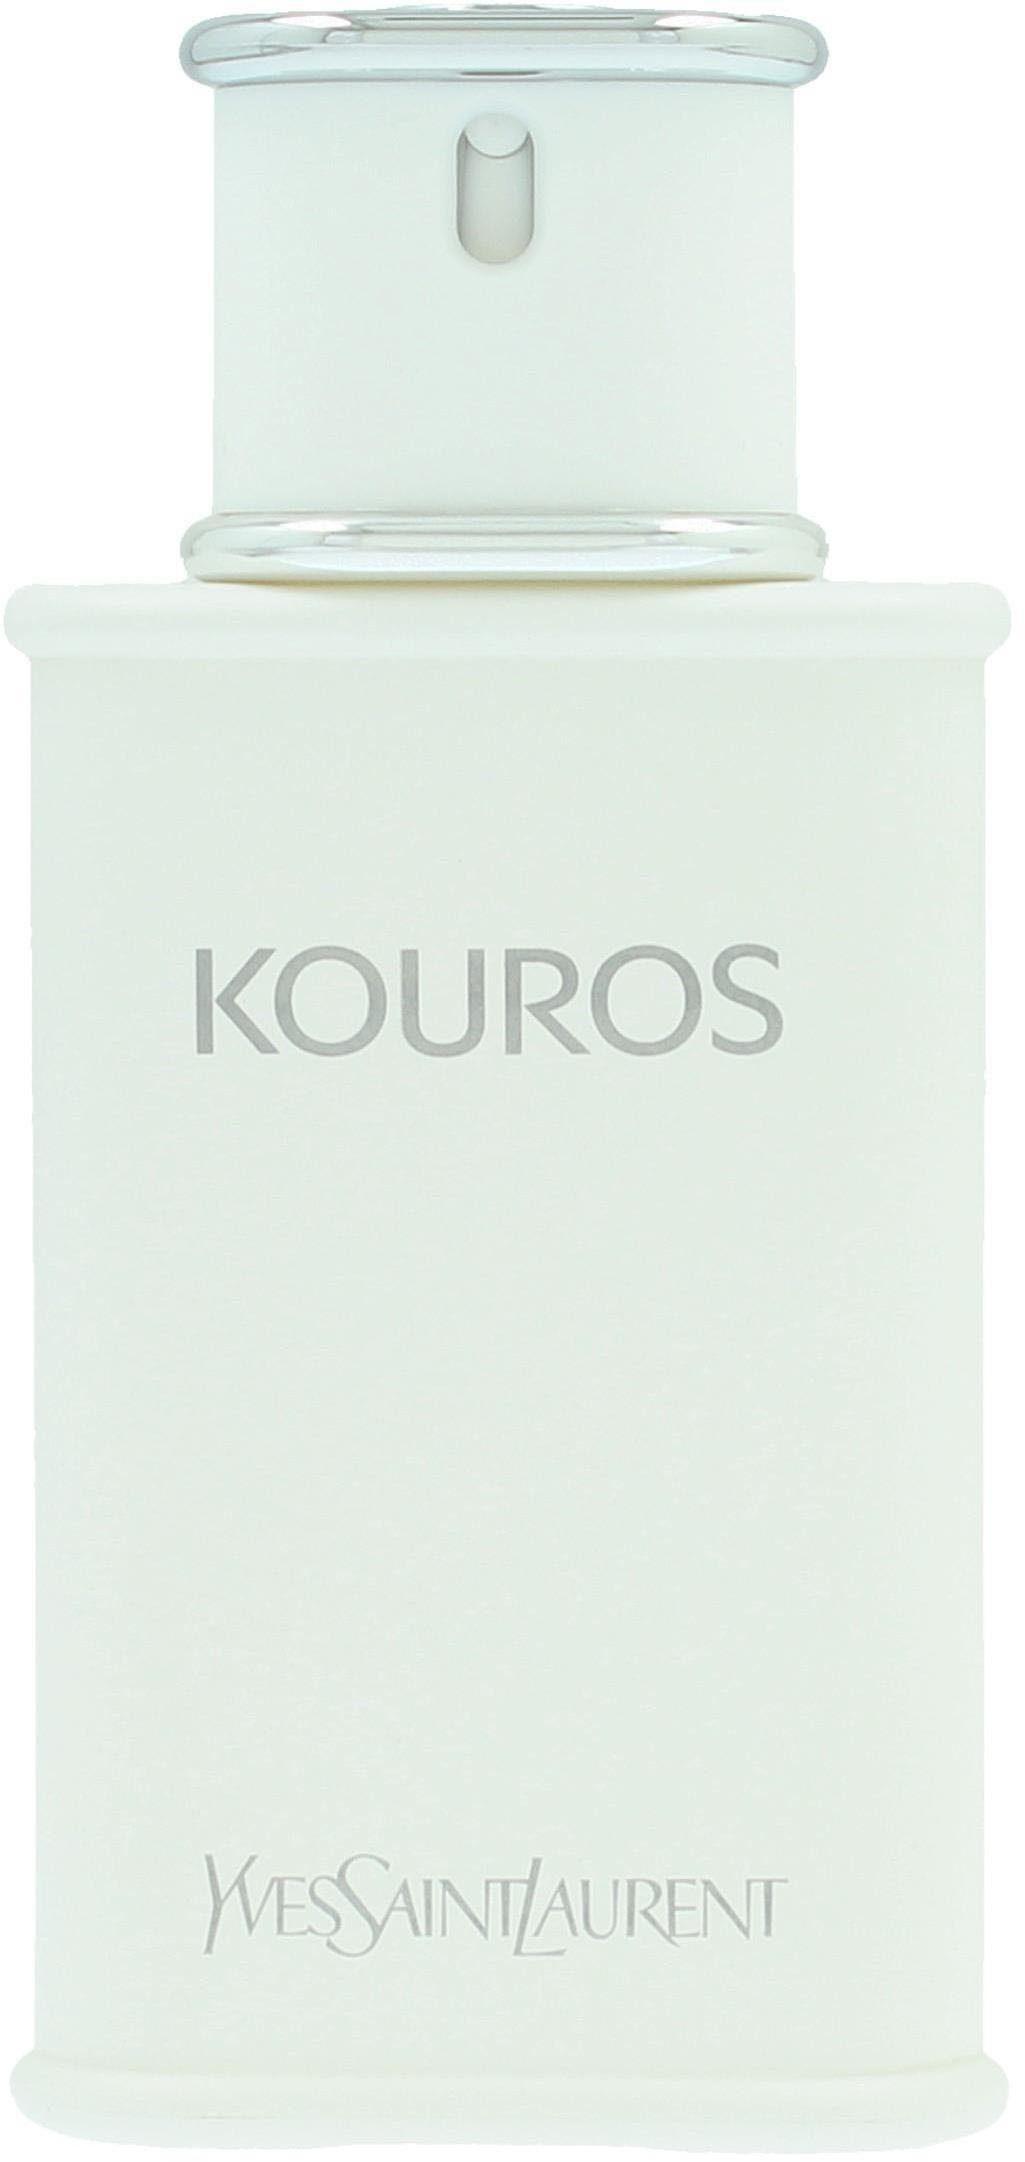 Yves Saint Laurent, »Kouros«, Eau de Toilette